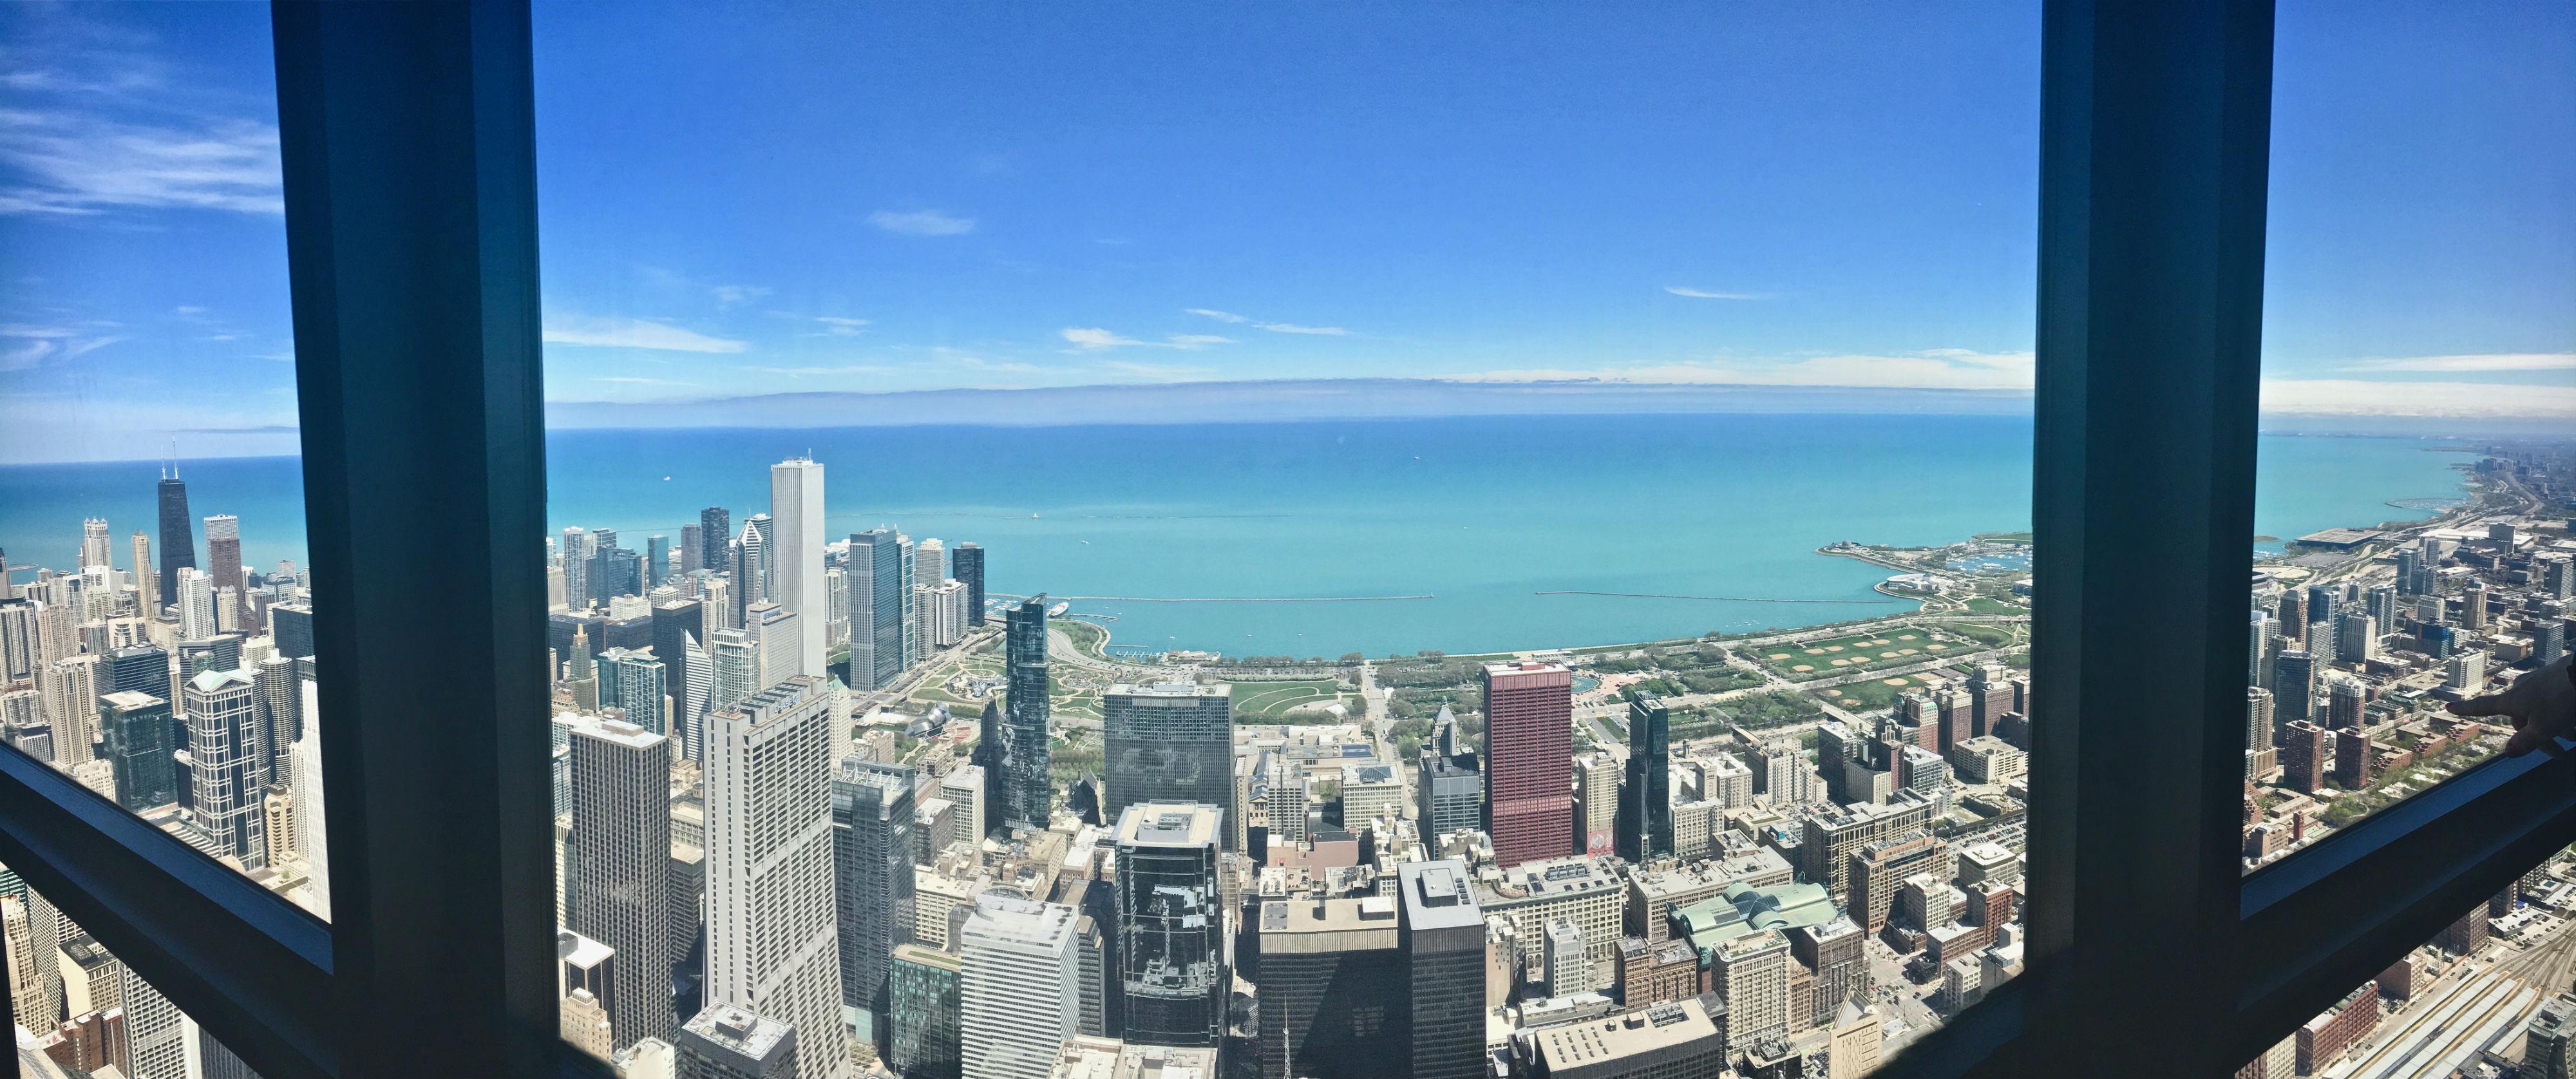 chicago incontournables